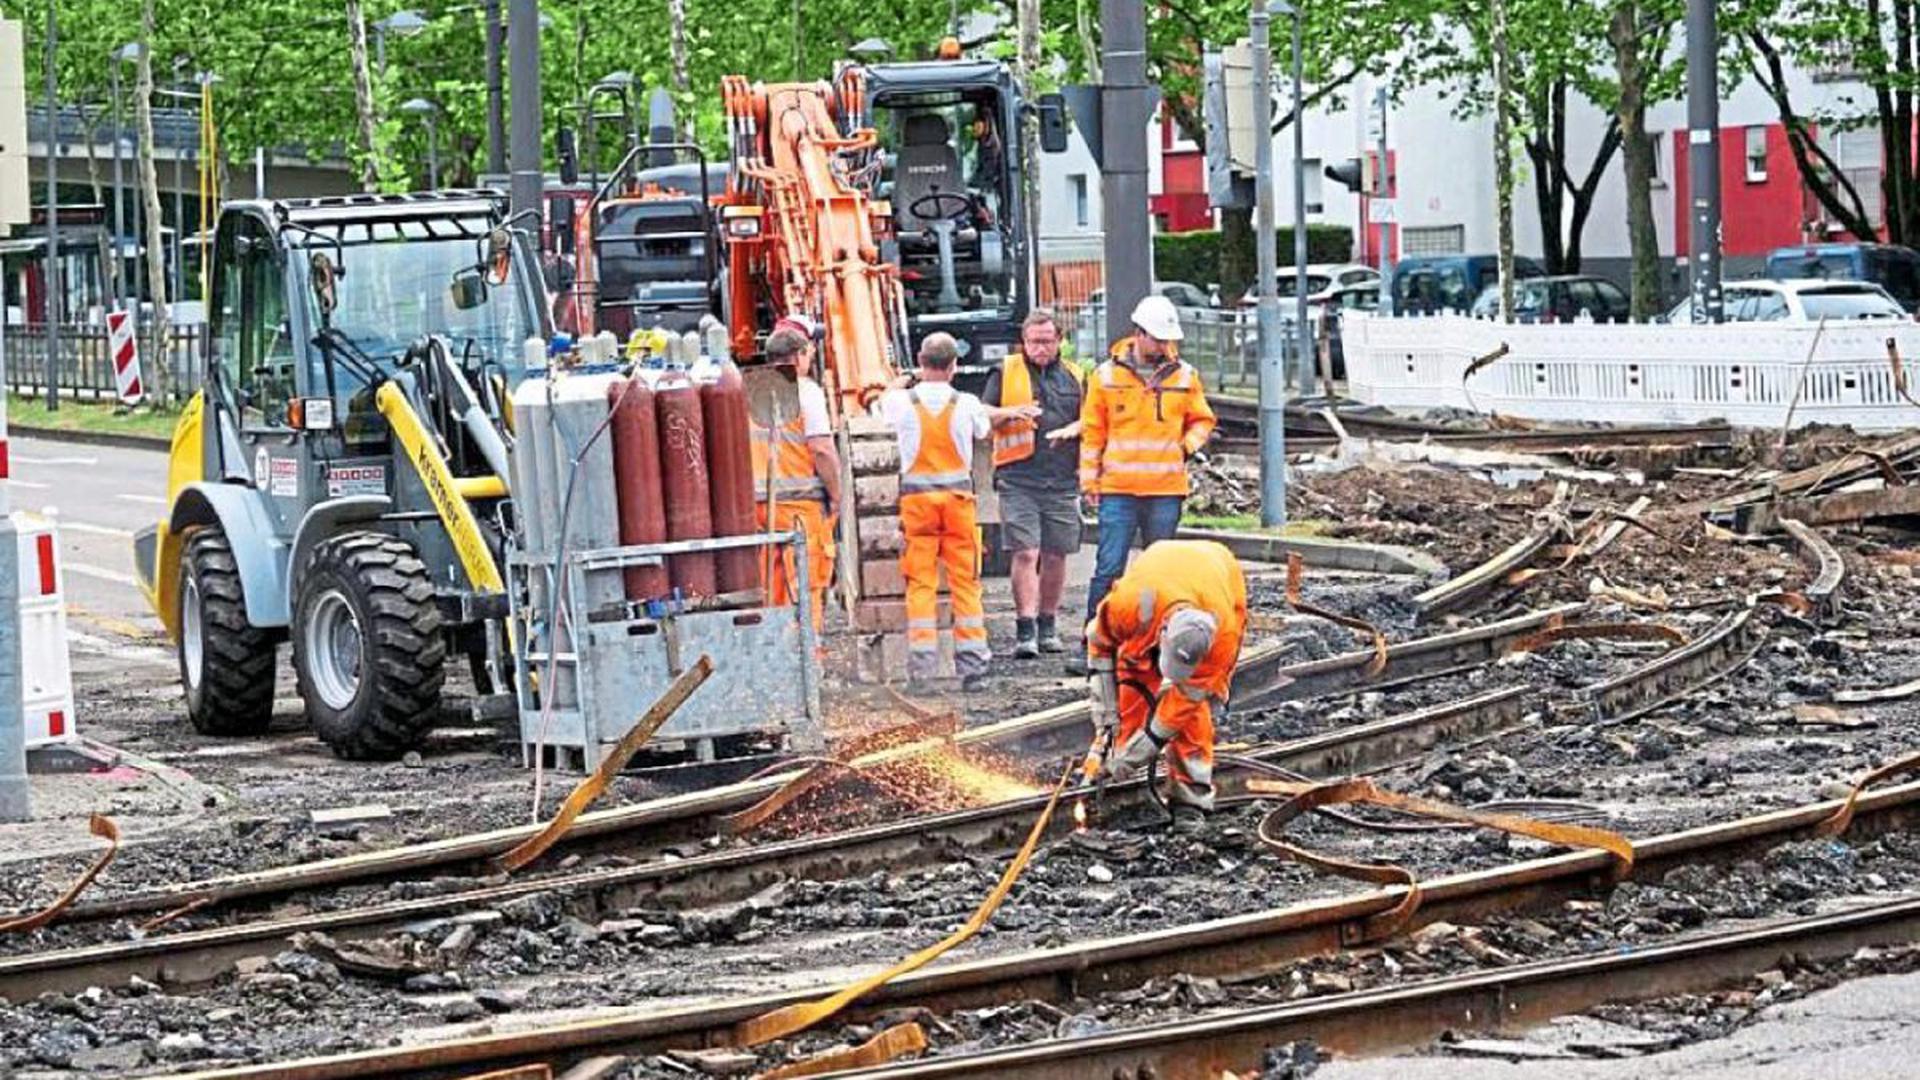 Alles muss raus: Die besonders beanspruchten Gleisbögen der Straßenbahn an der Kreuzung Brauerstraße/ Ebertstraße müssen nach 19 Jahren erneuert werden.